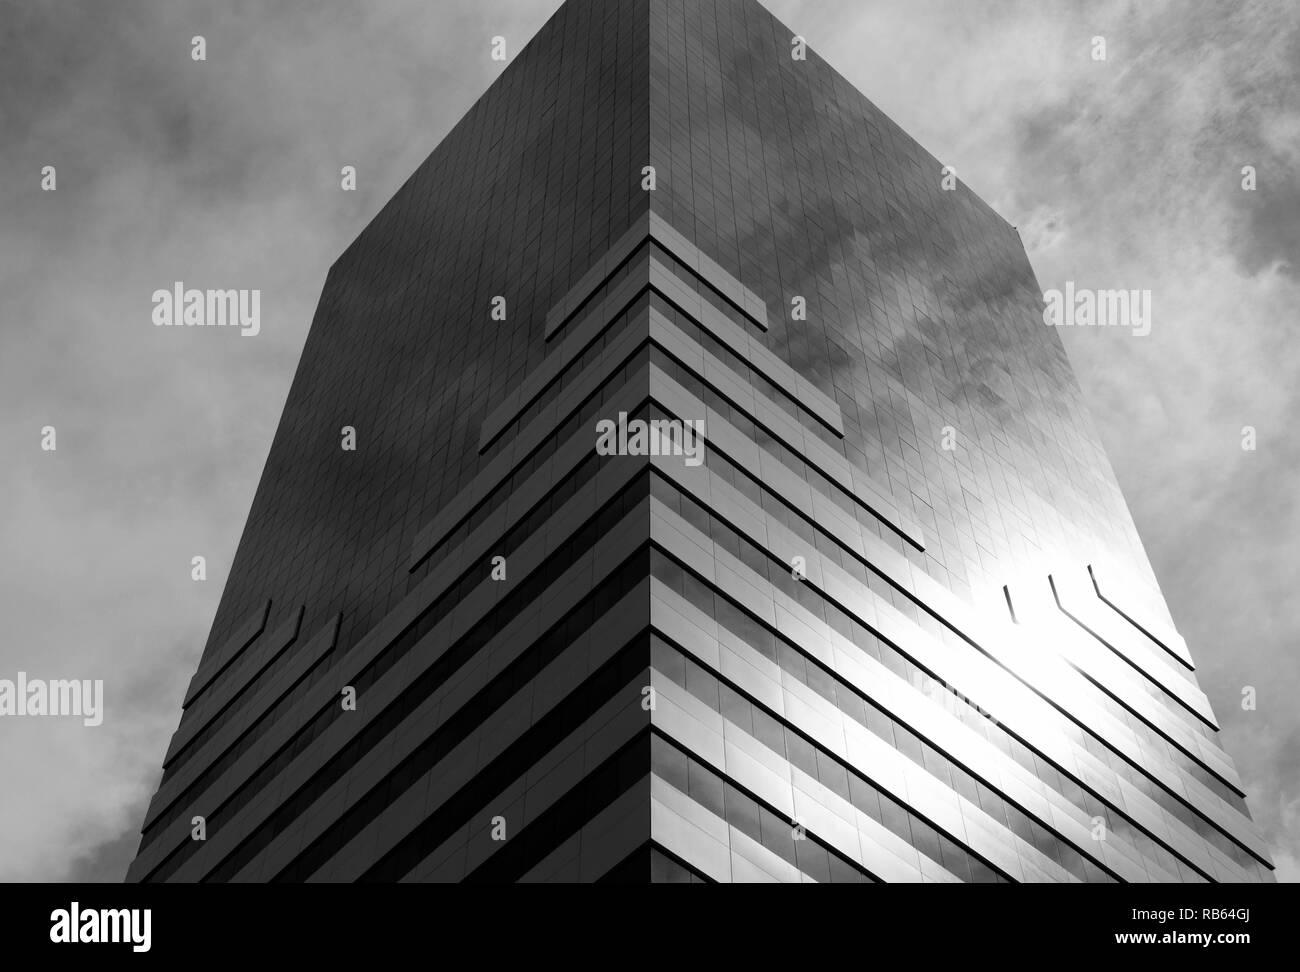 Construcción de un espejo visto desde abajo que refleja el cielo, en blanco y negro. Foto de stock